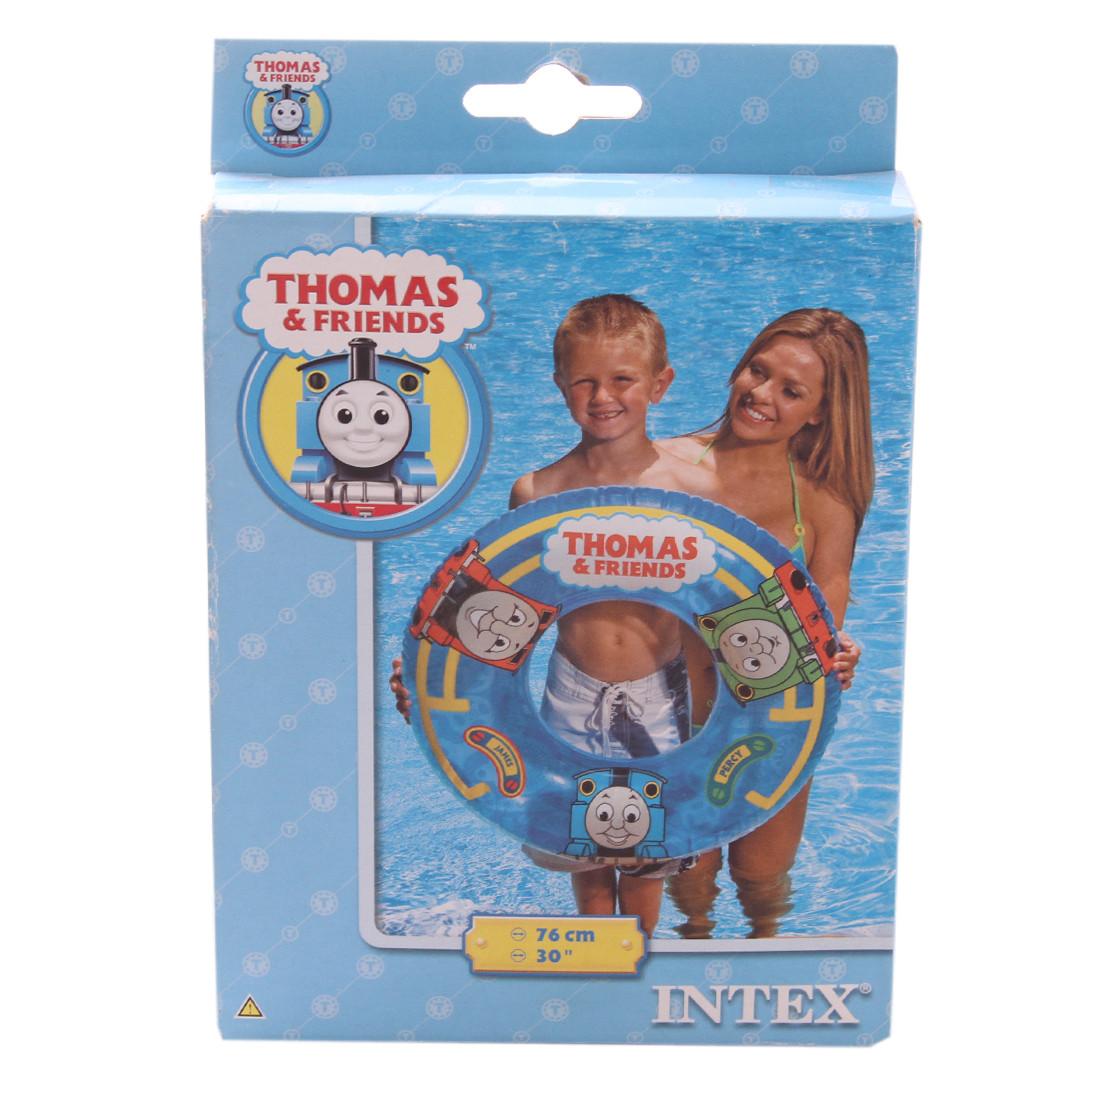 Σωσιβιο intex - image 1-thumbnail